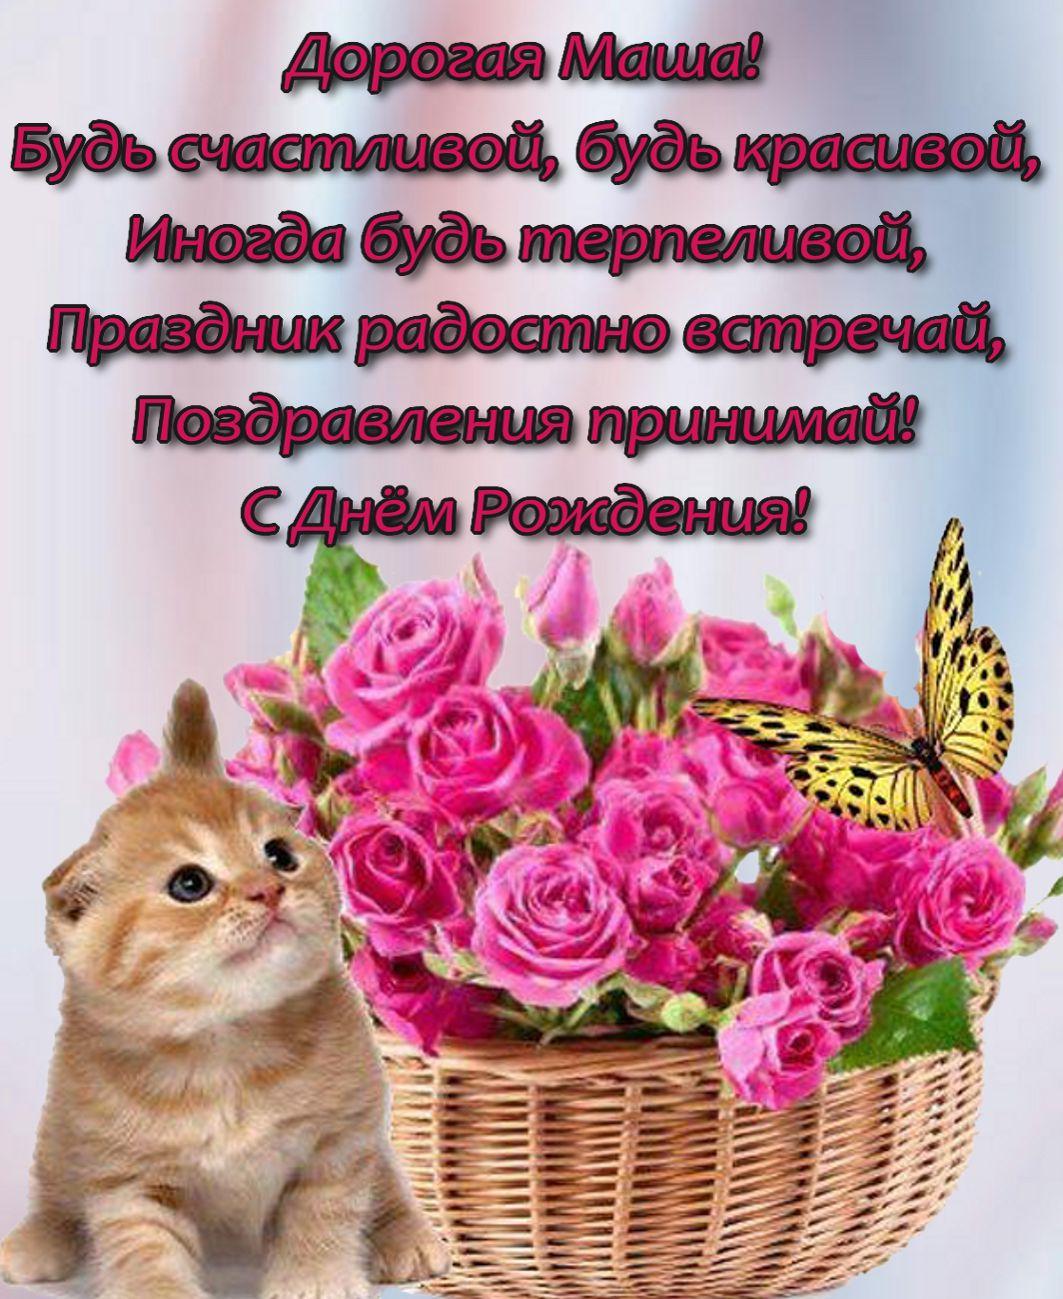 Красивый котик с корзинкой цветов и пожелание